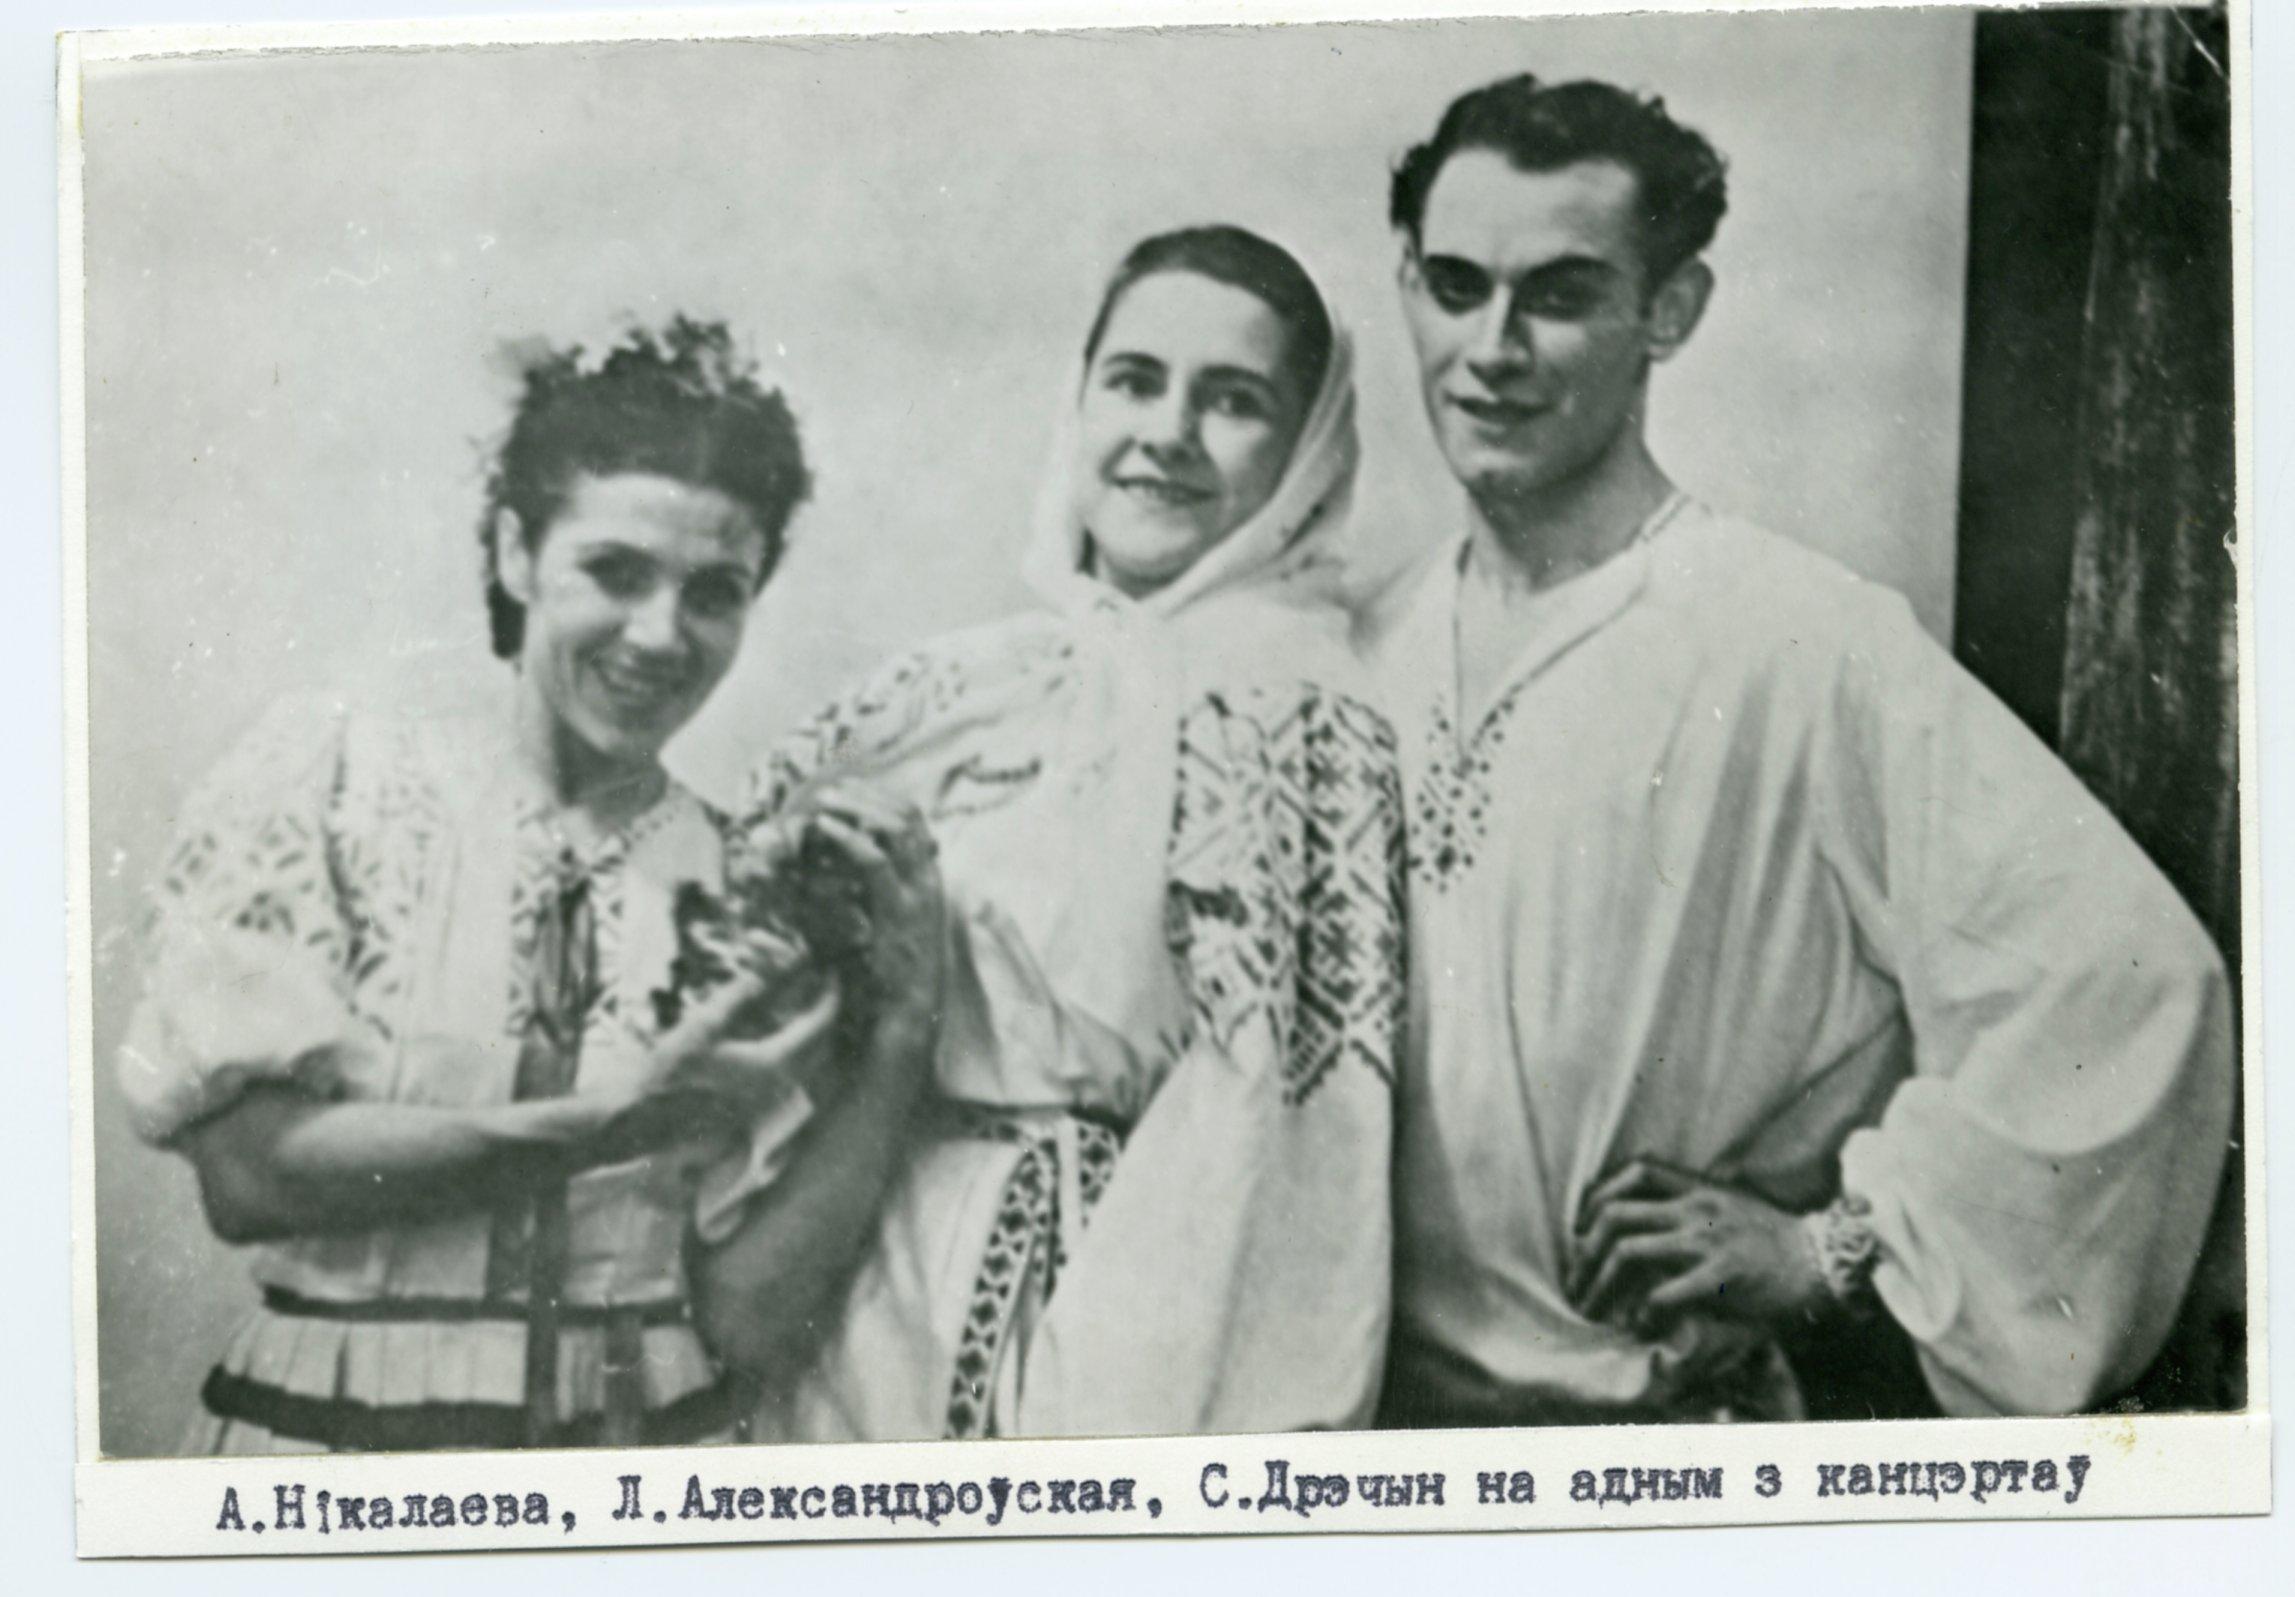 Акцёры Вялікага А.Нікалаева, Л.Александроўская, С.Дрэчын на адным з выступаў